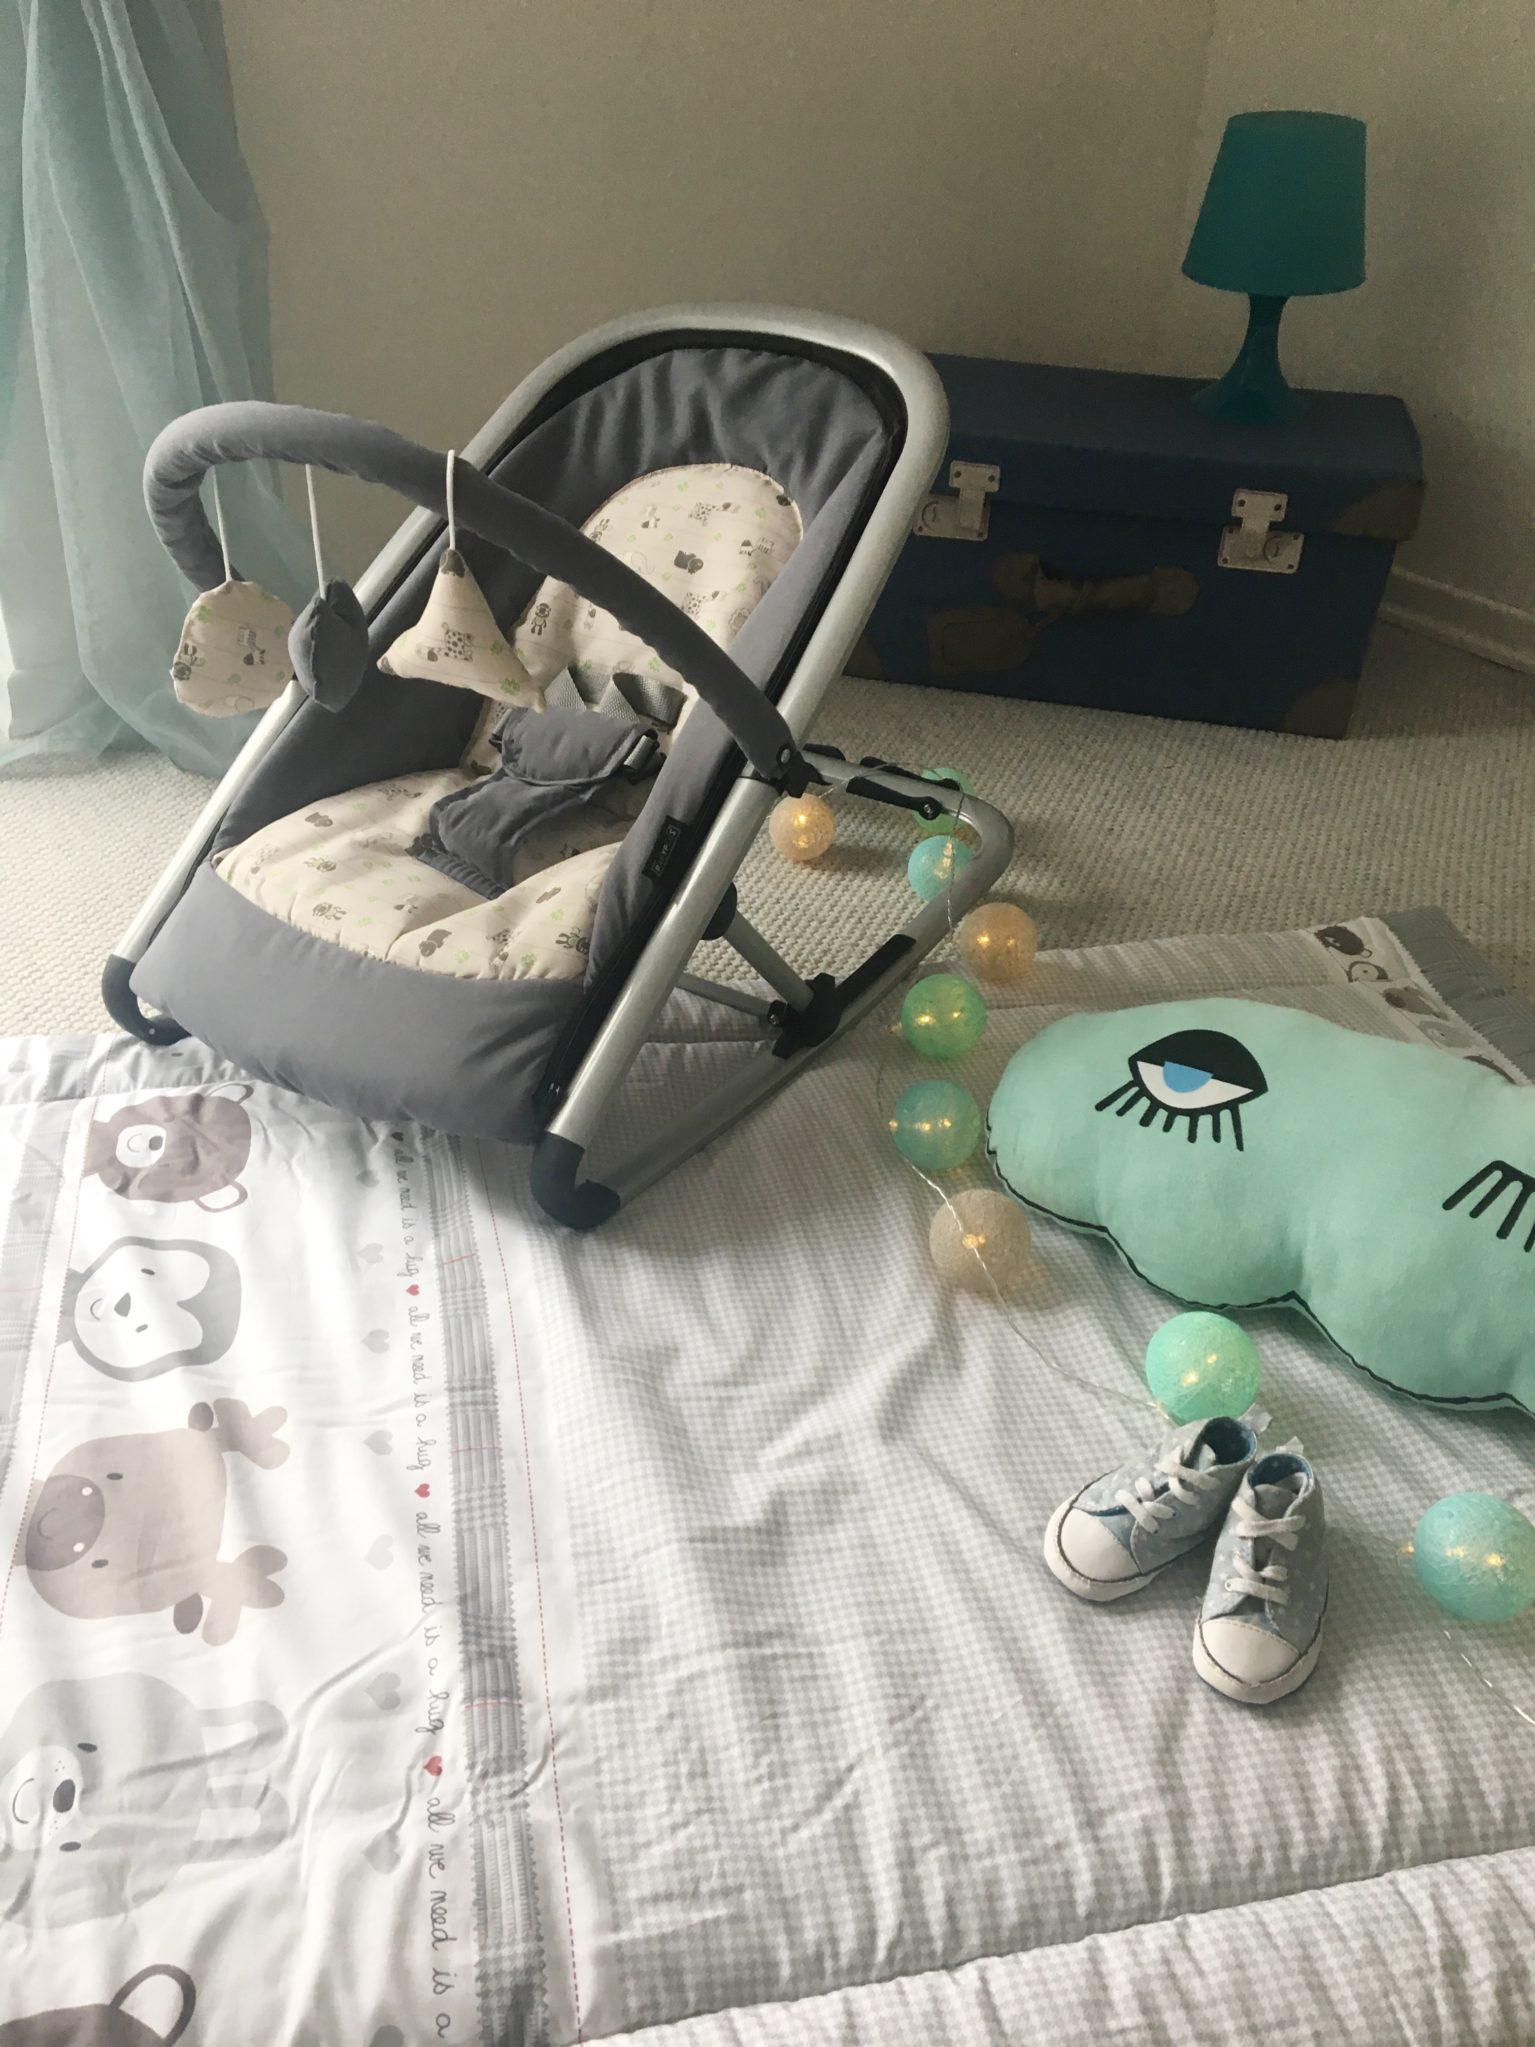 Babyausstattung: Krabbeldecke und Babywippe.